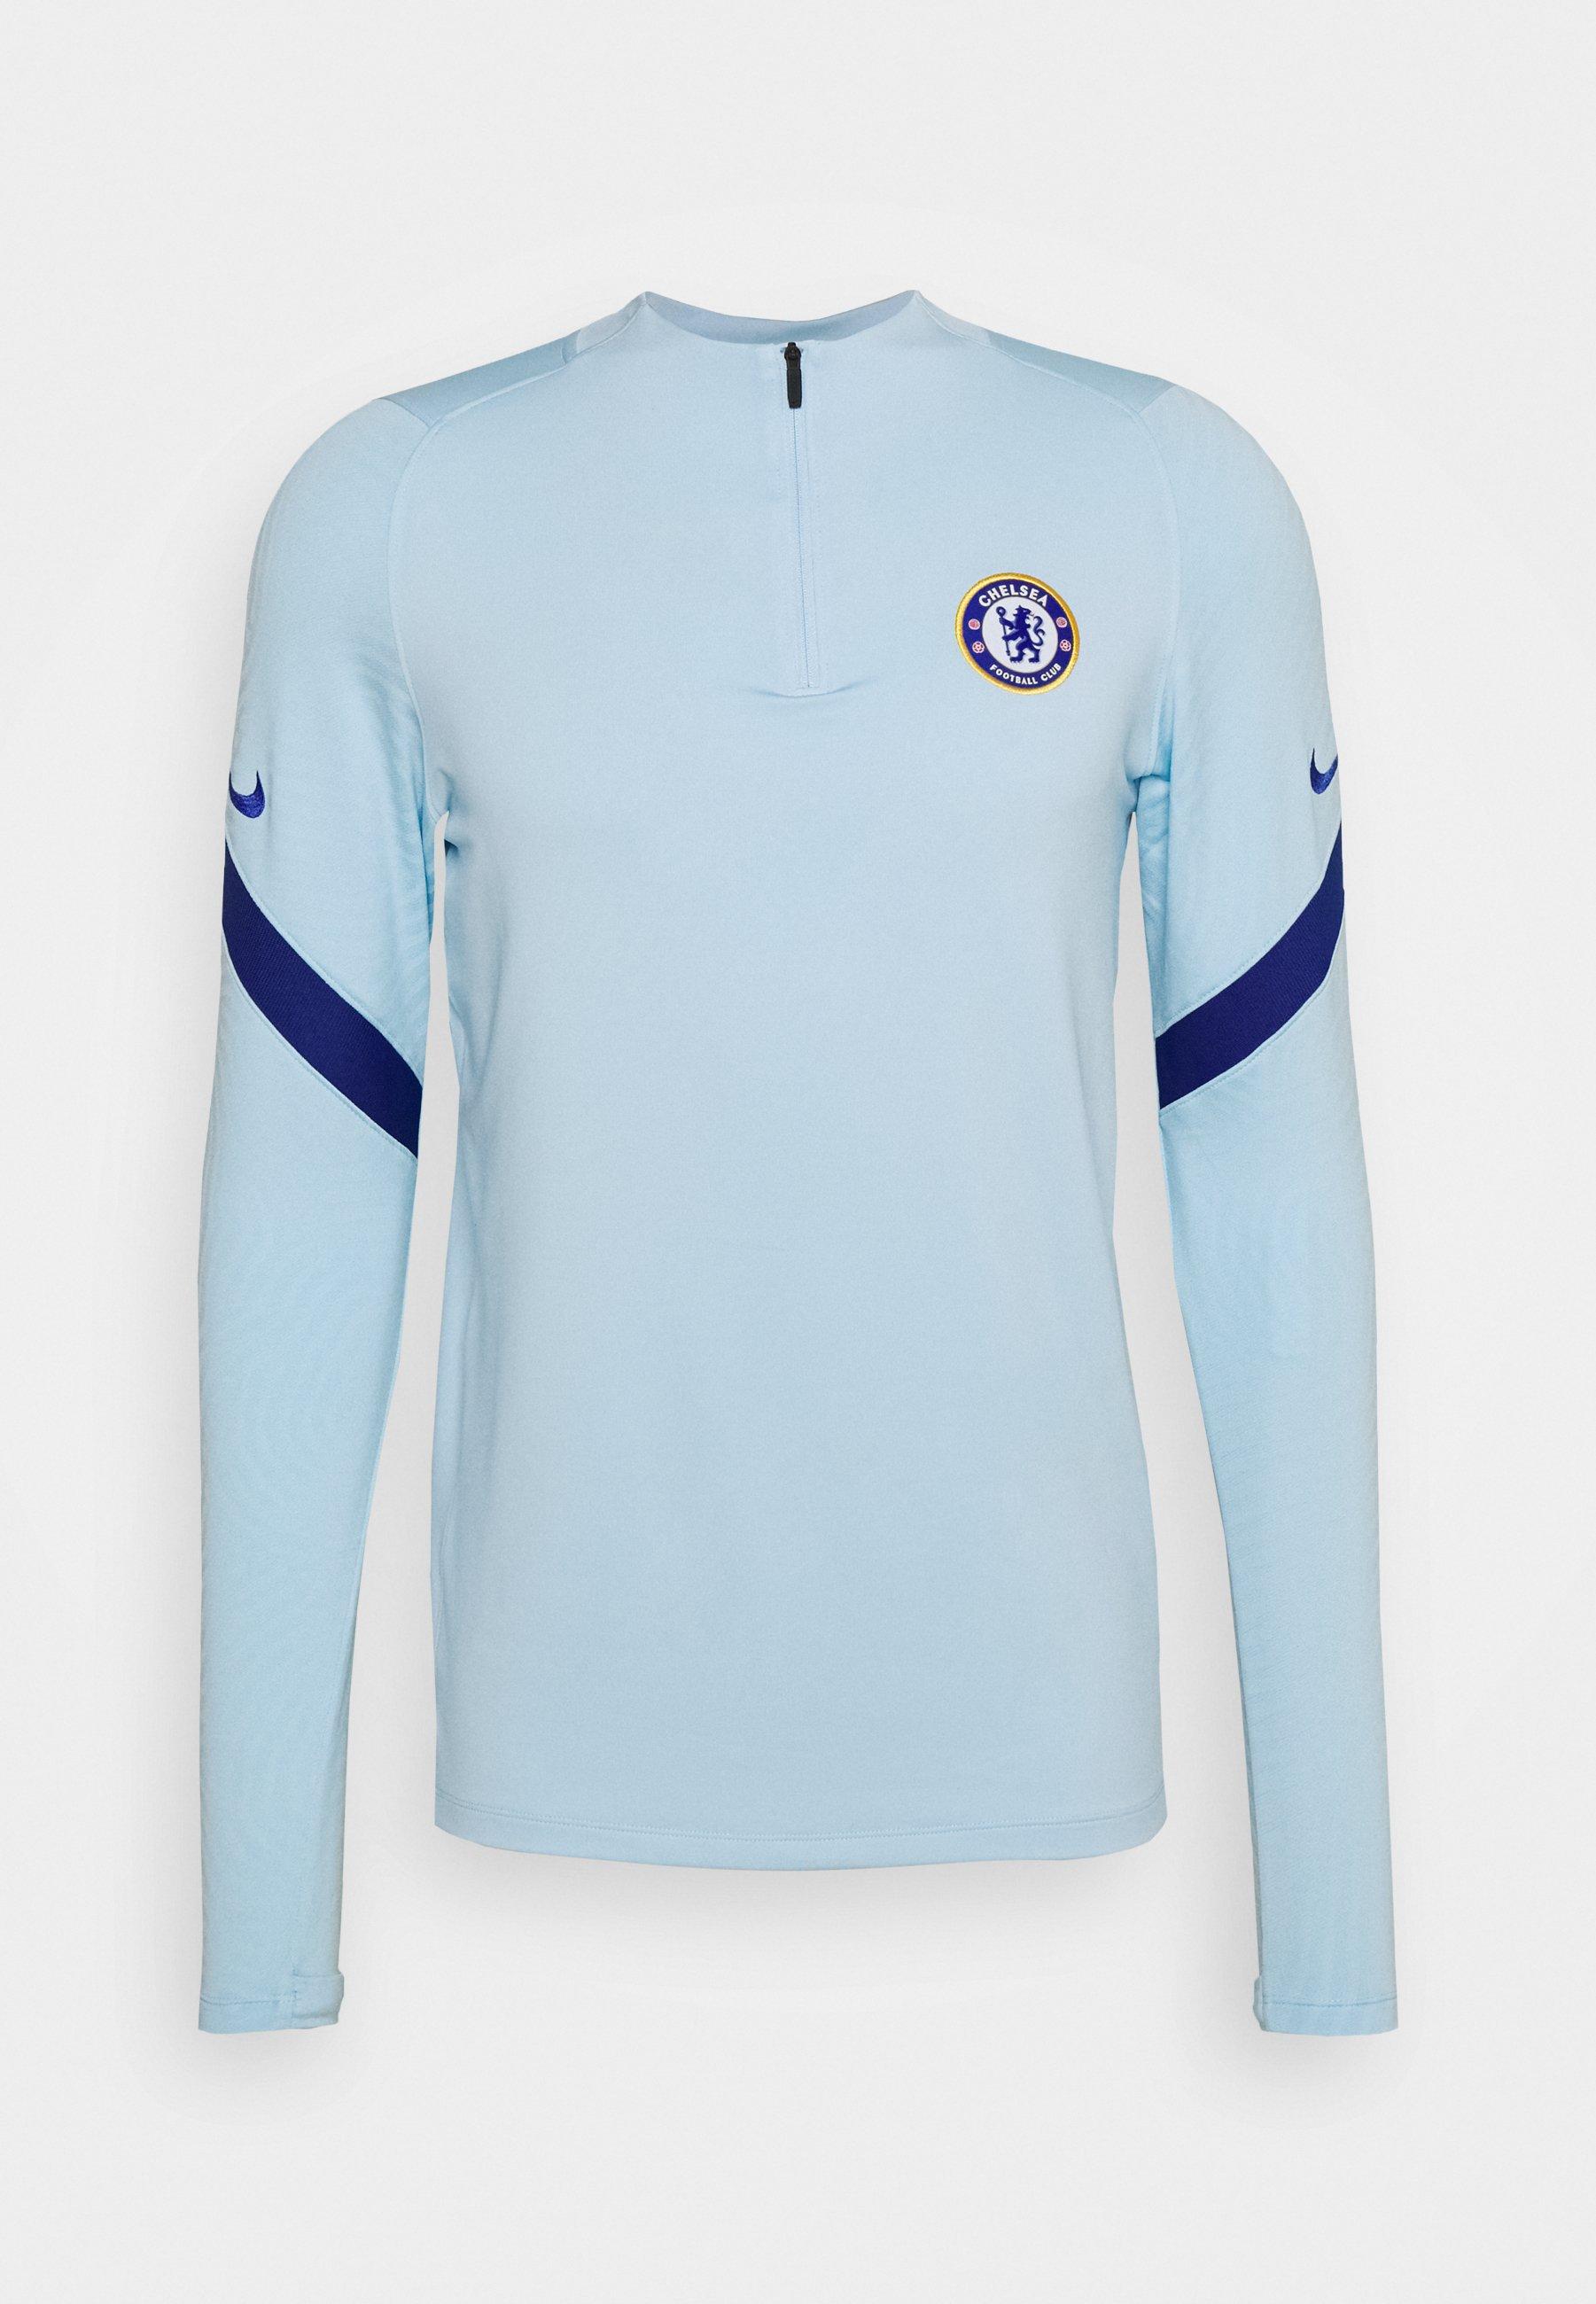 CHELSEA LONDON DRY TOP T shirt à manches longues cobalt tintrush blue